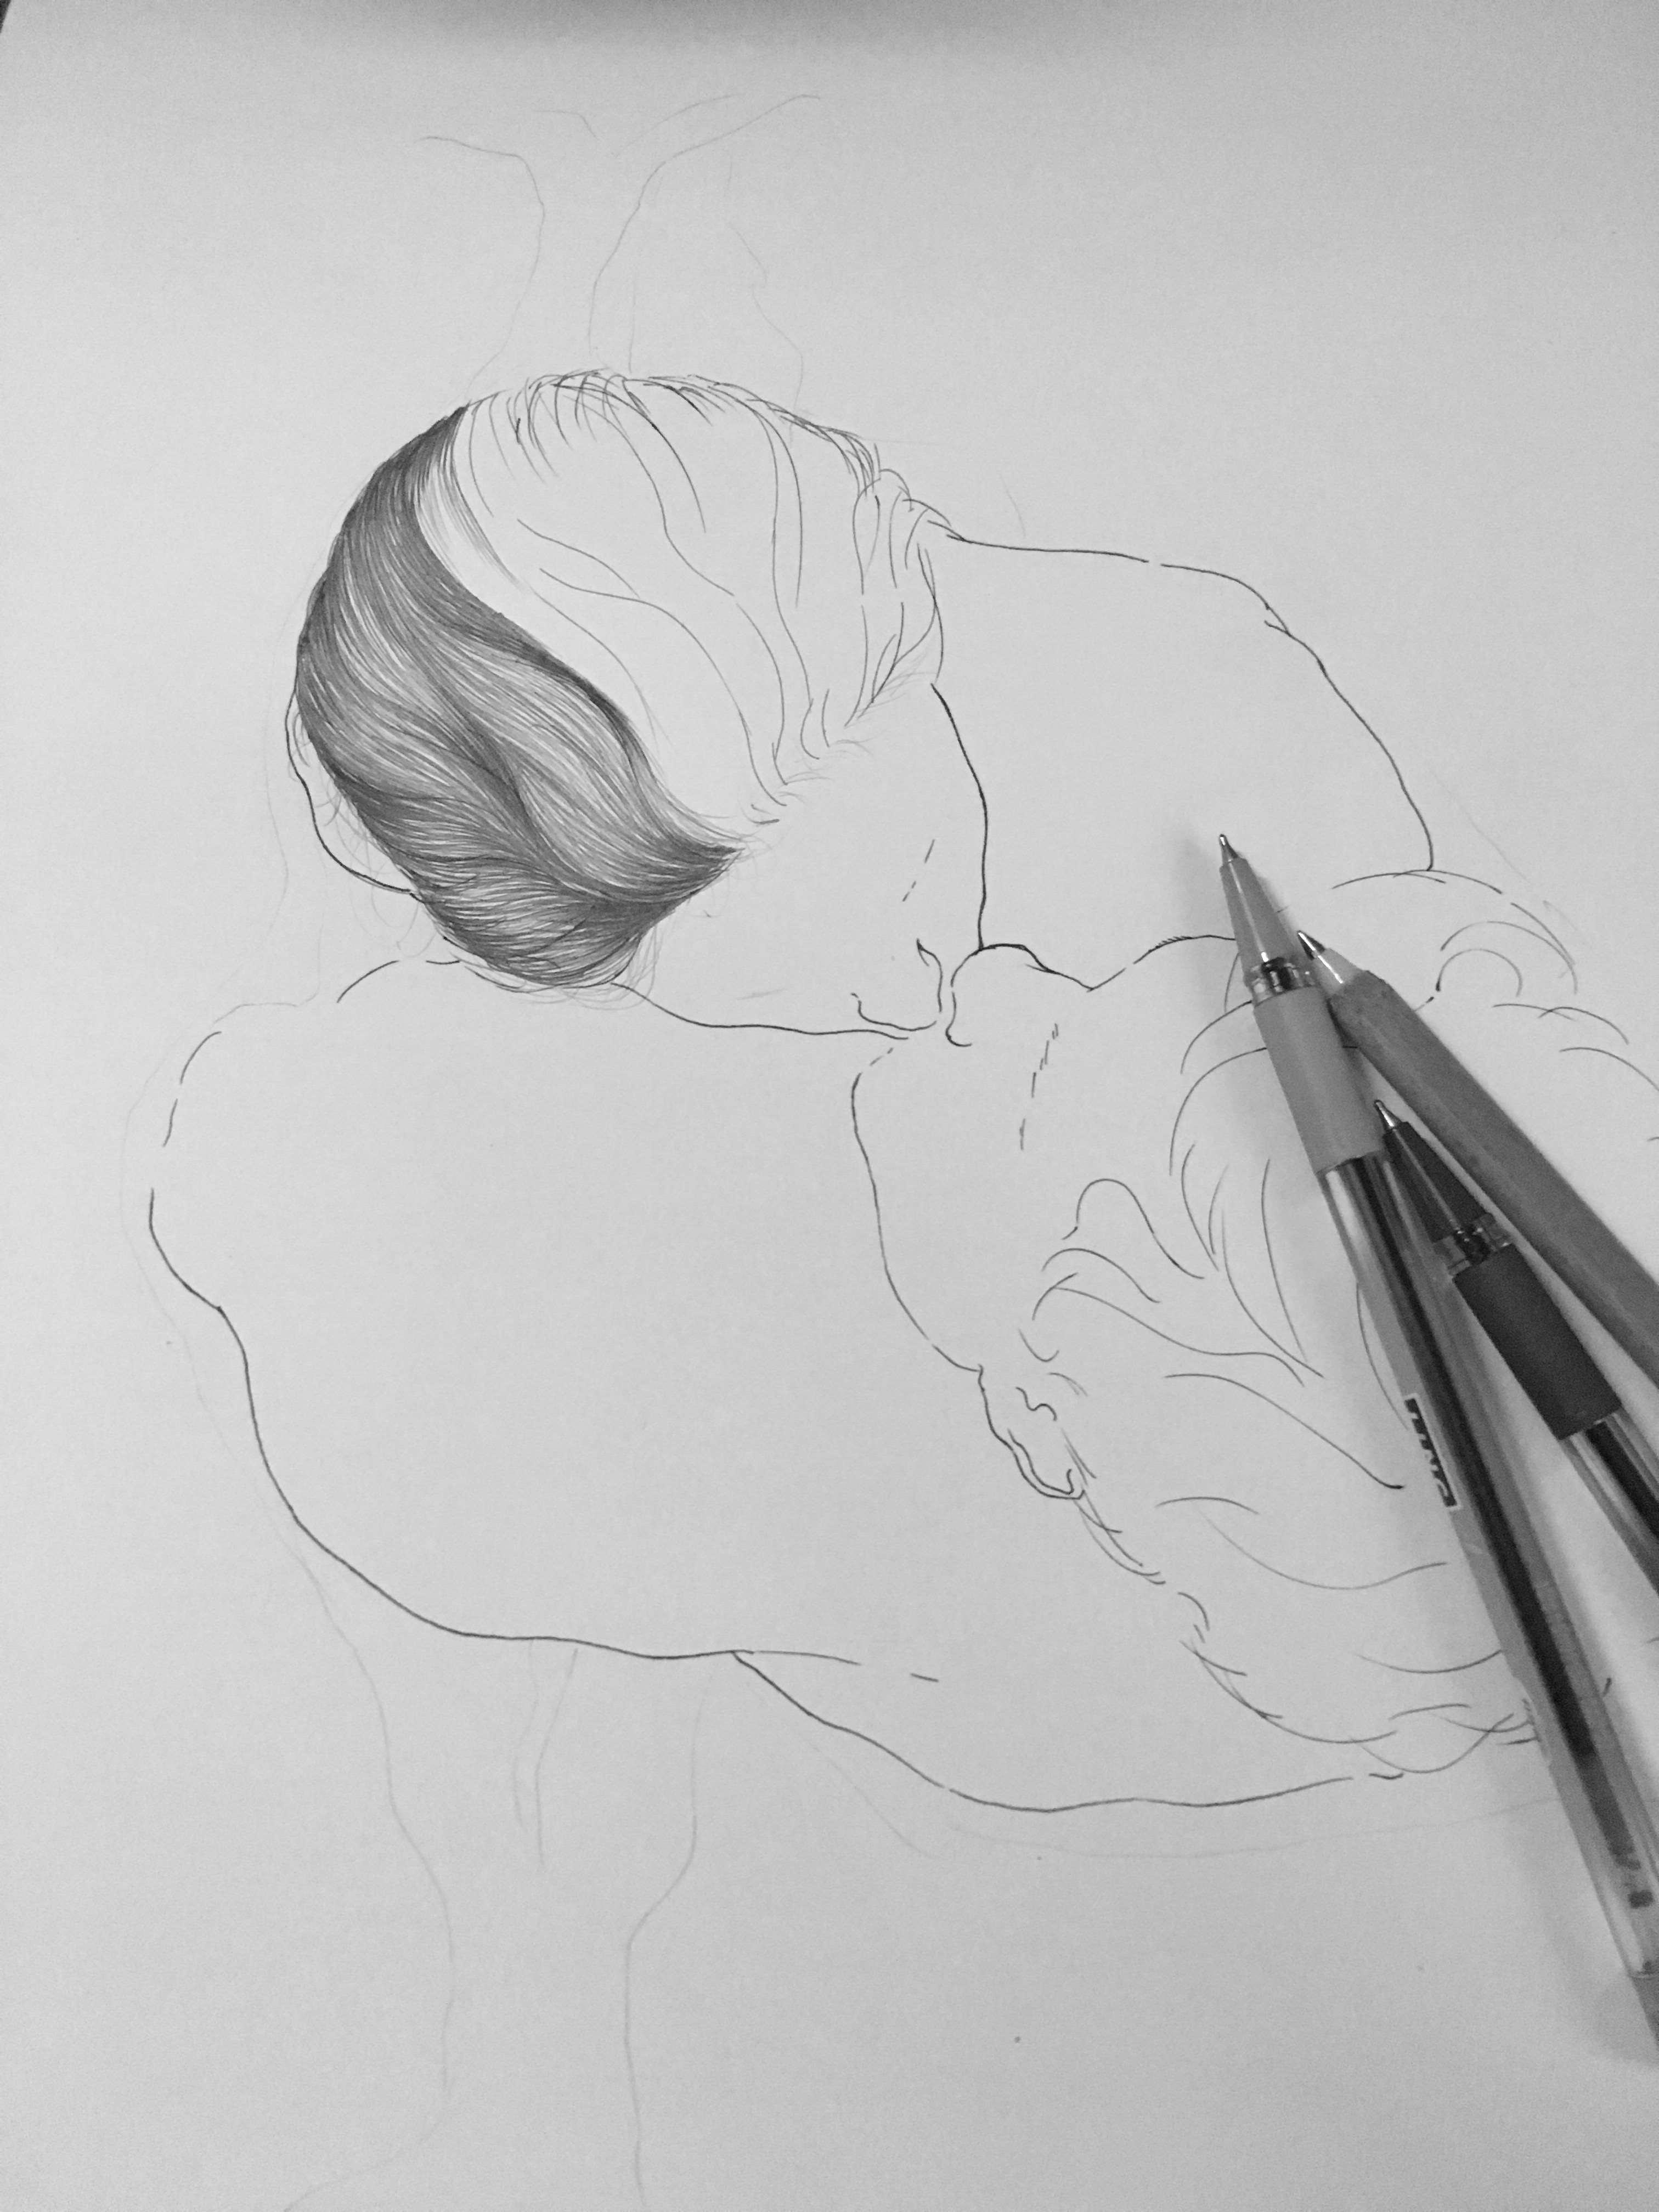 简笔画 手绘 素描 线稿 3024_4032 竖版 竖屏